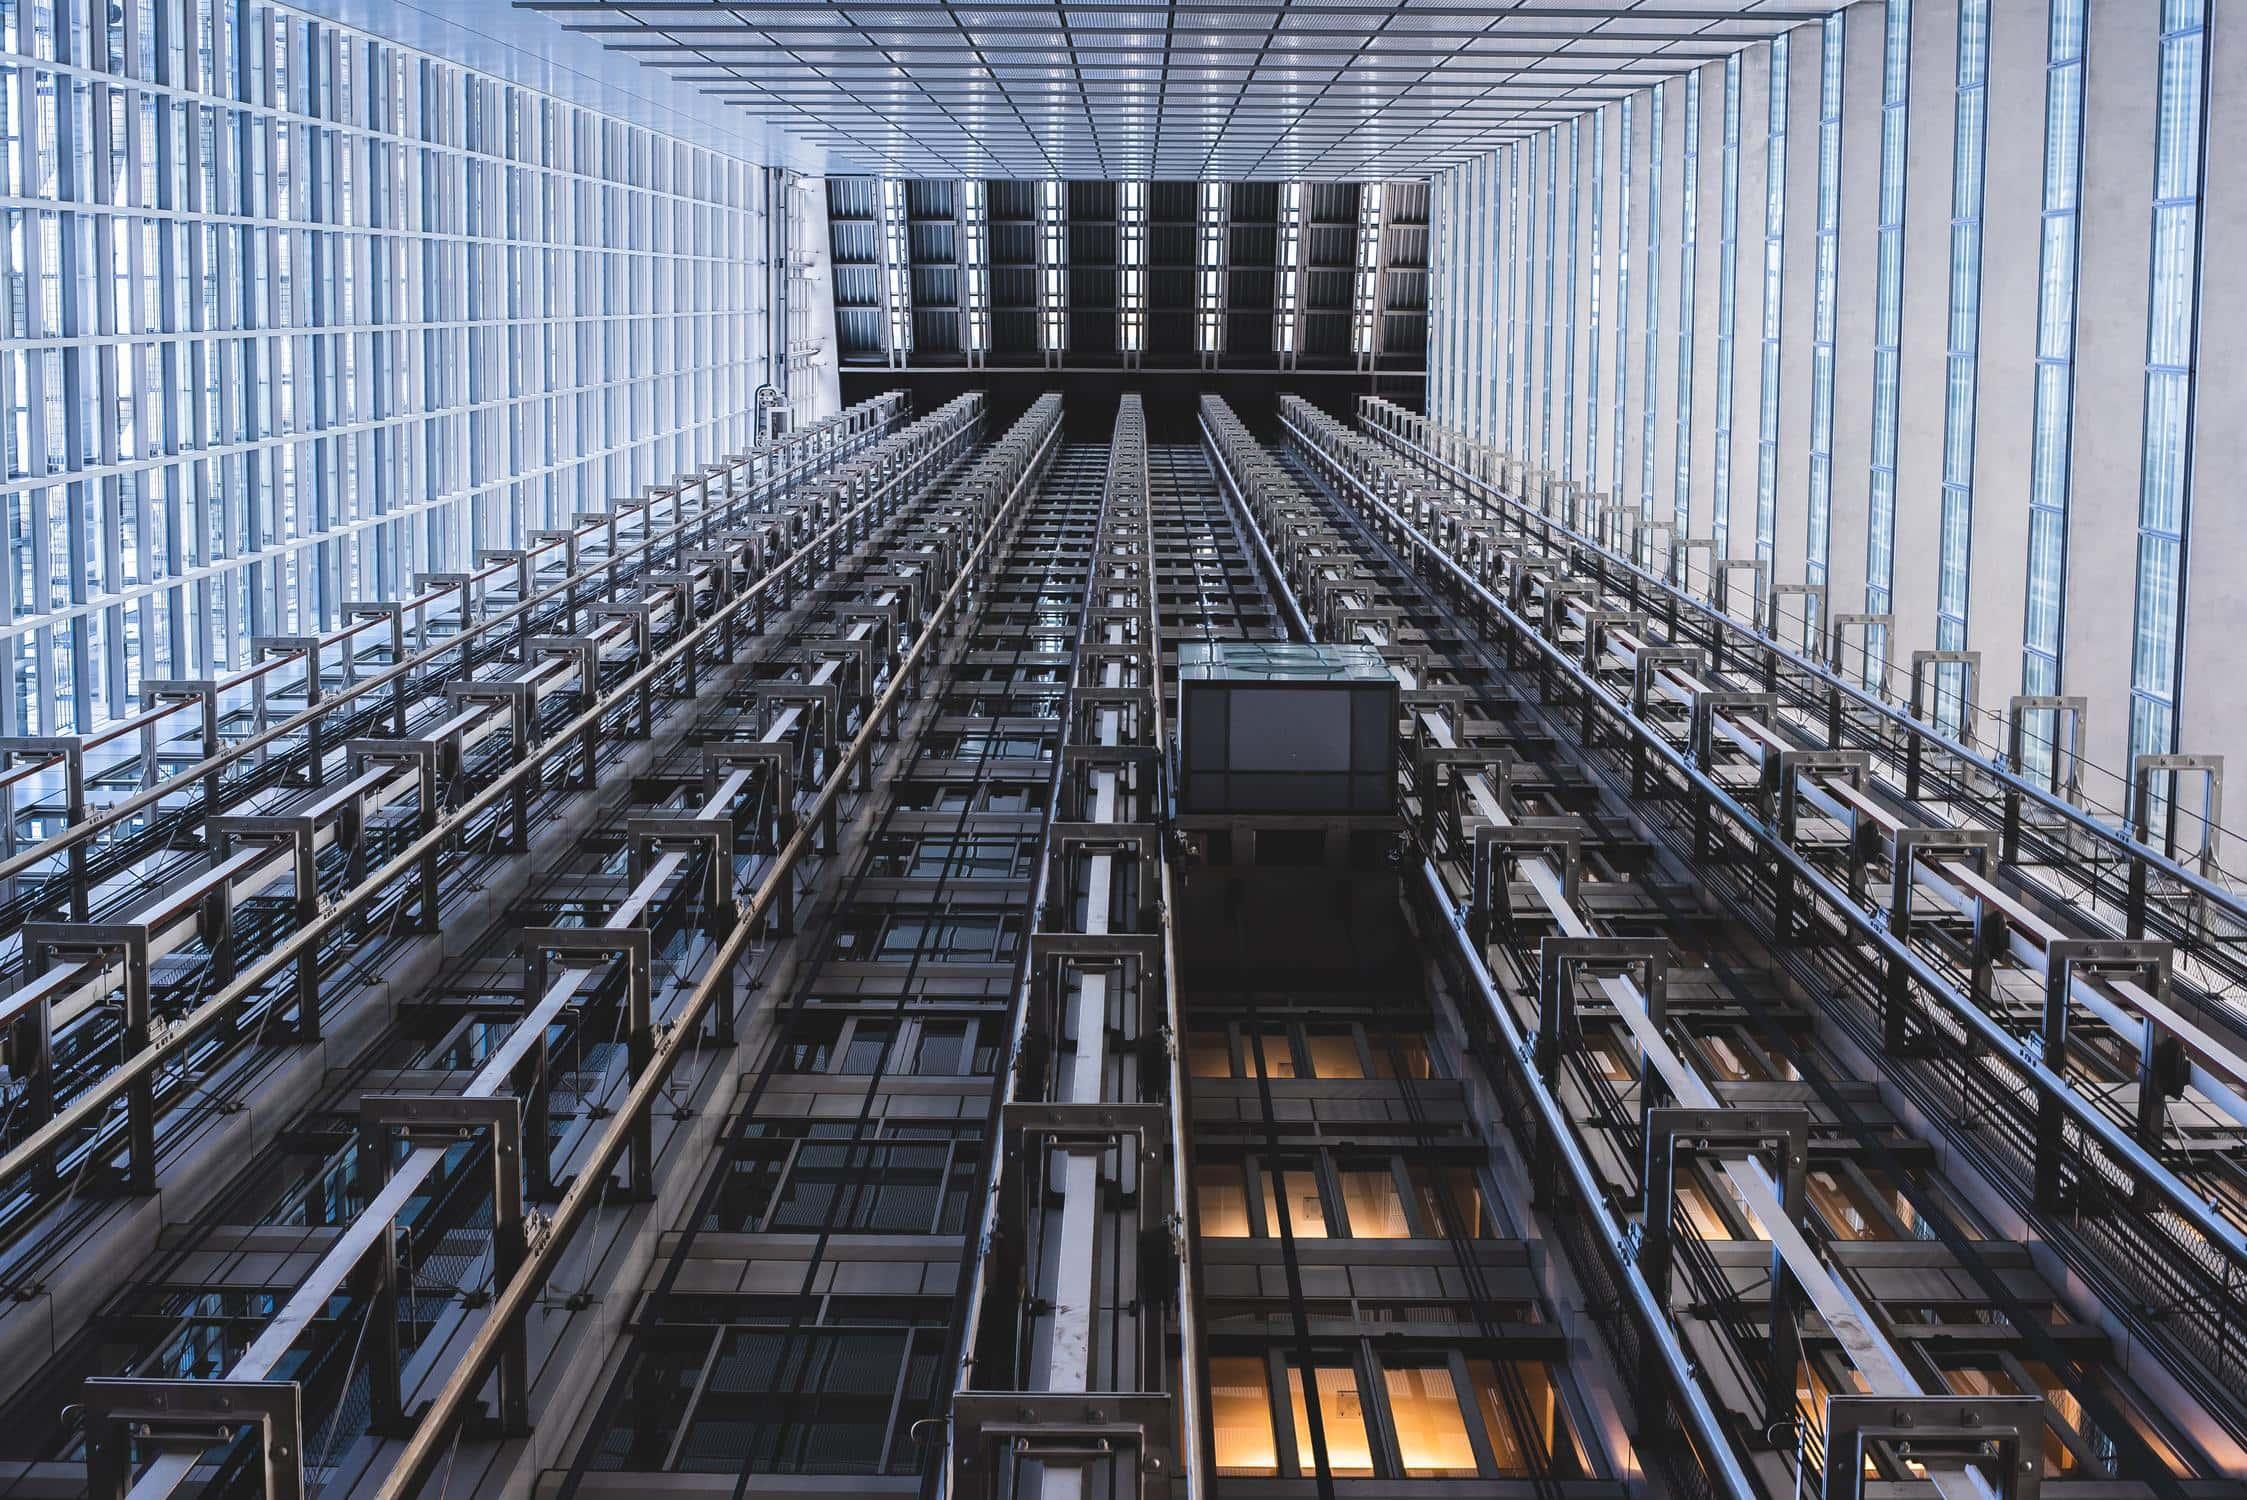 Aufzug von unten gesehen